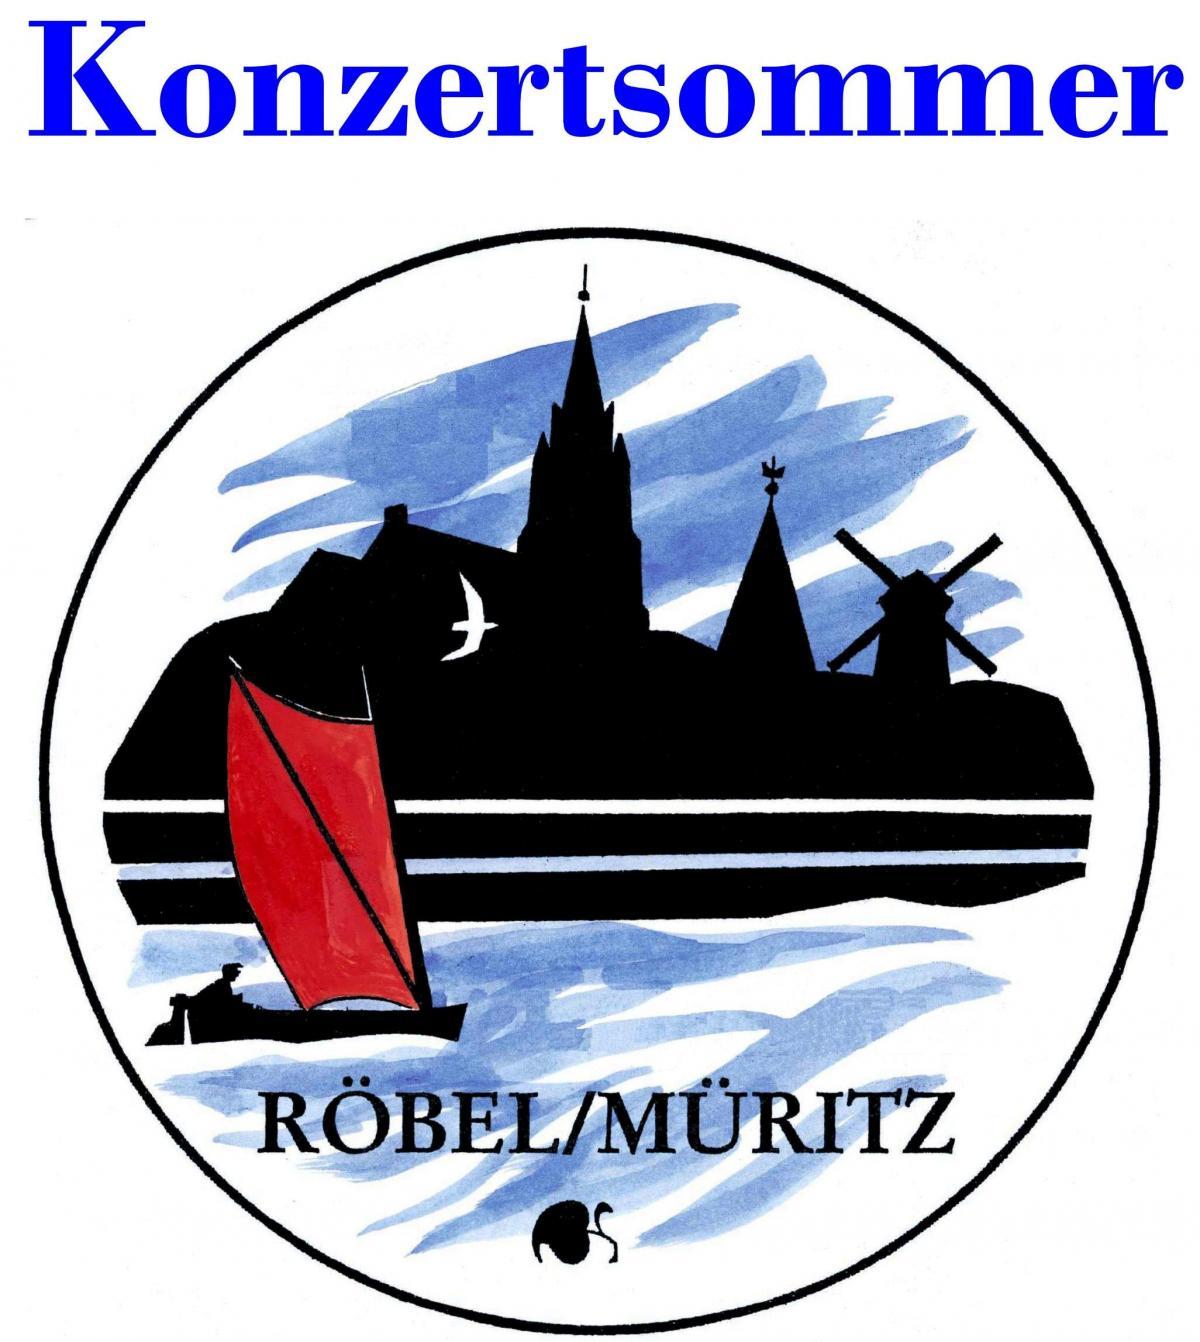 logo-konzertsommer_9